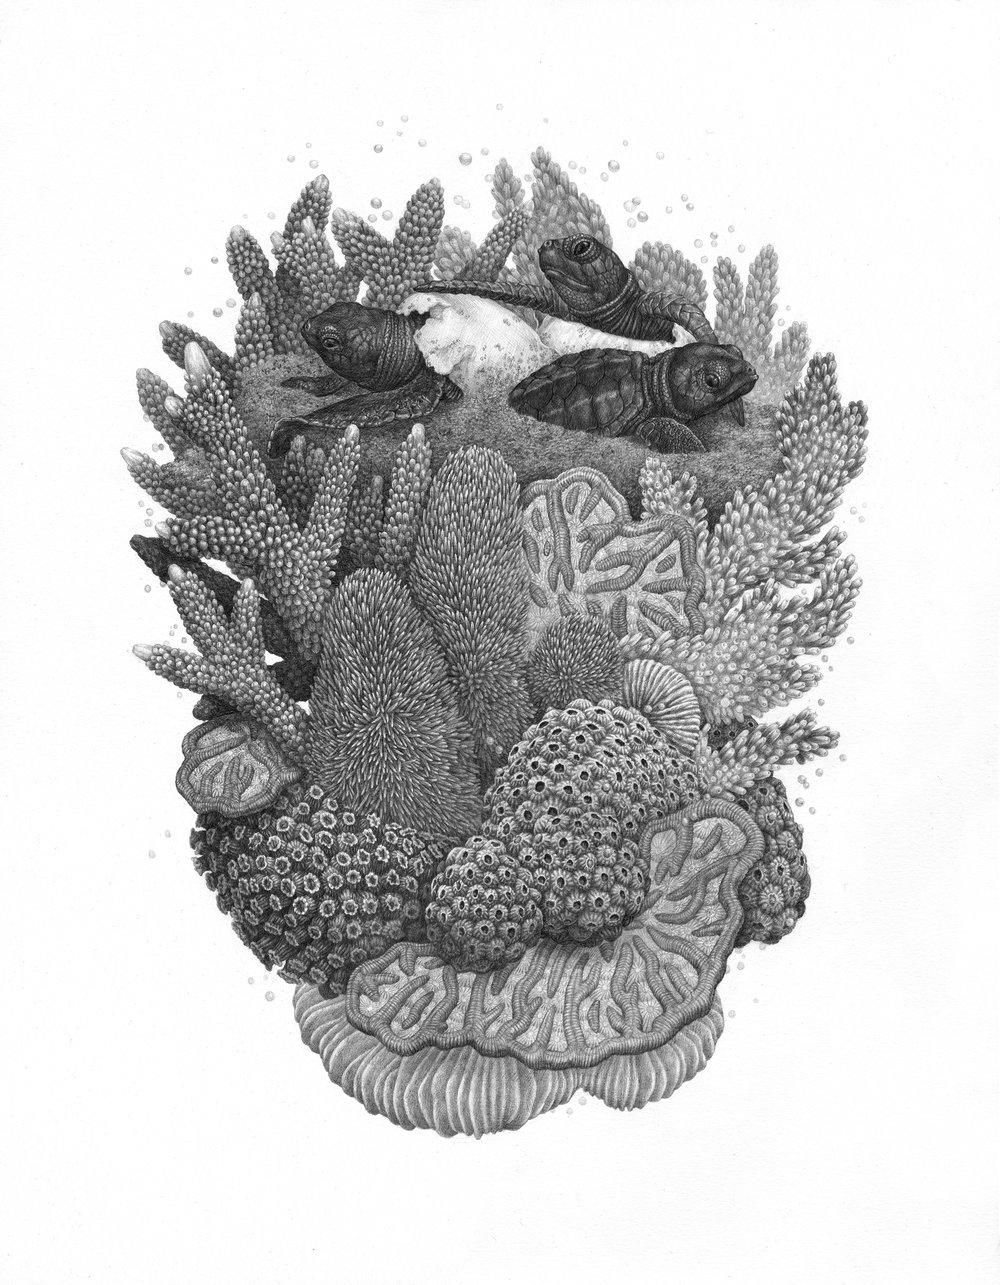 """Кораллы, Графит на бумаге, 14 """"x 18"""" - Доступно для покупки через Antler Gallery"""